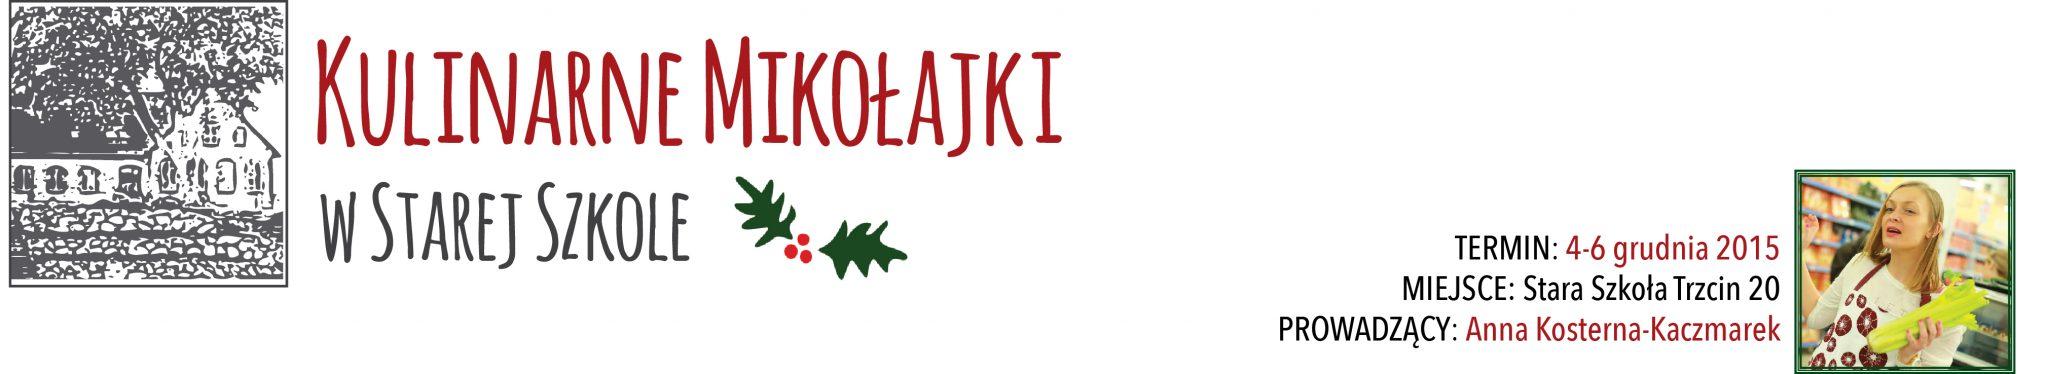 kulinarne mikolajki_baner_final